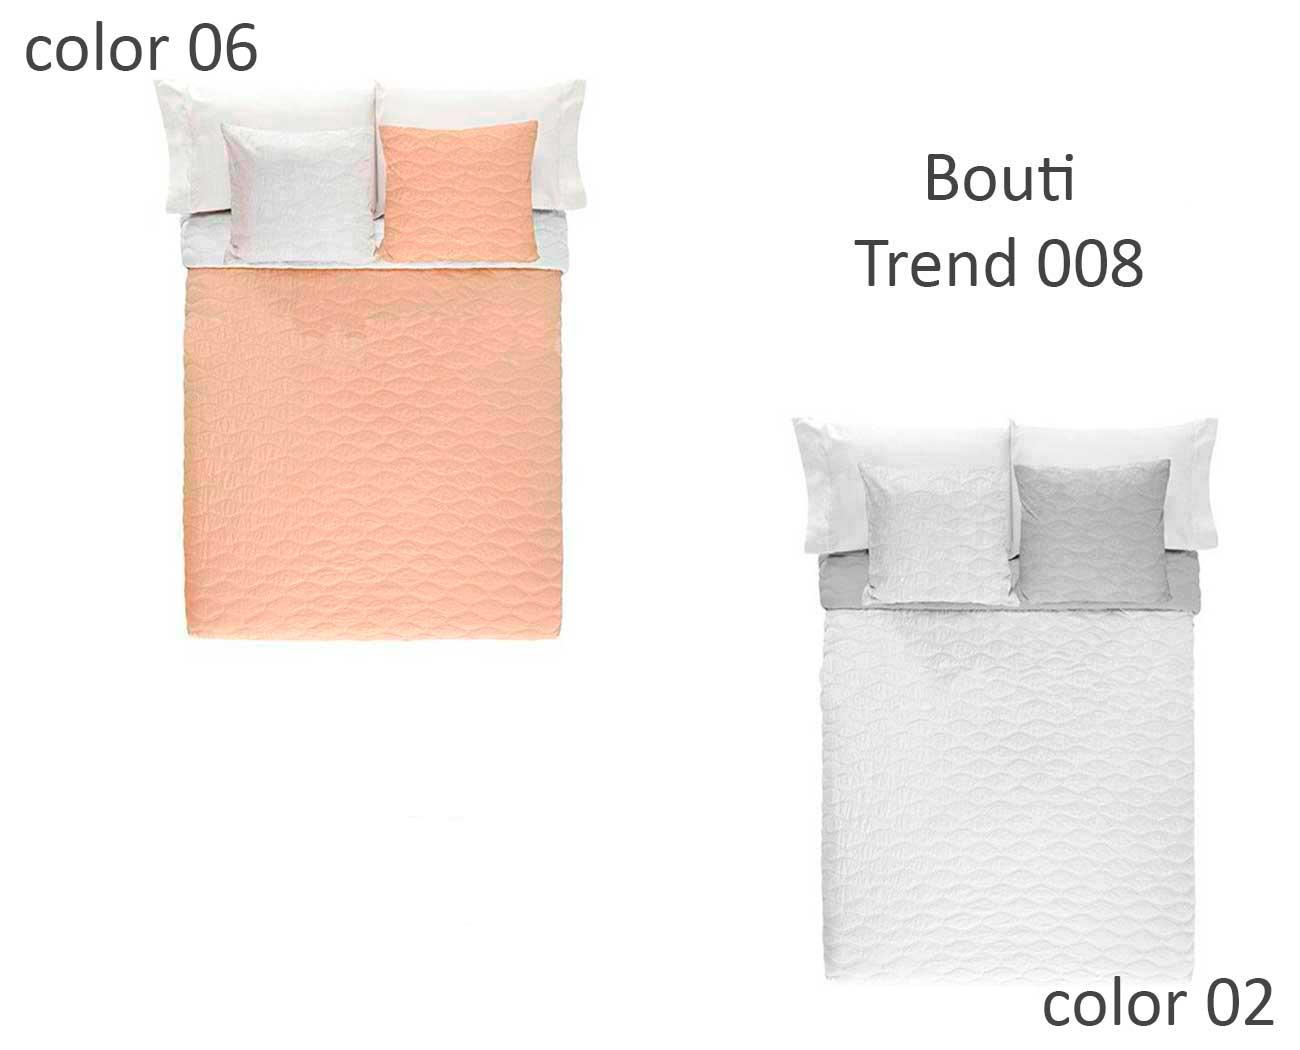 COLCHA BOUTI TREND 008